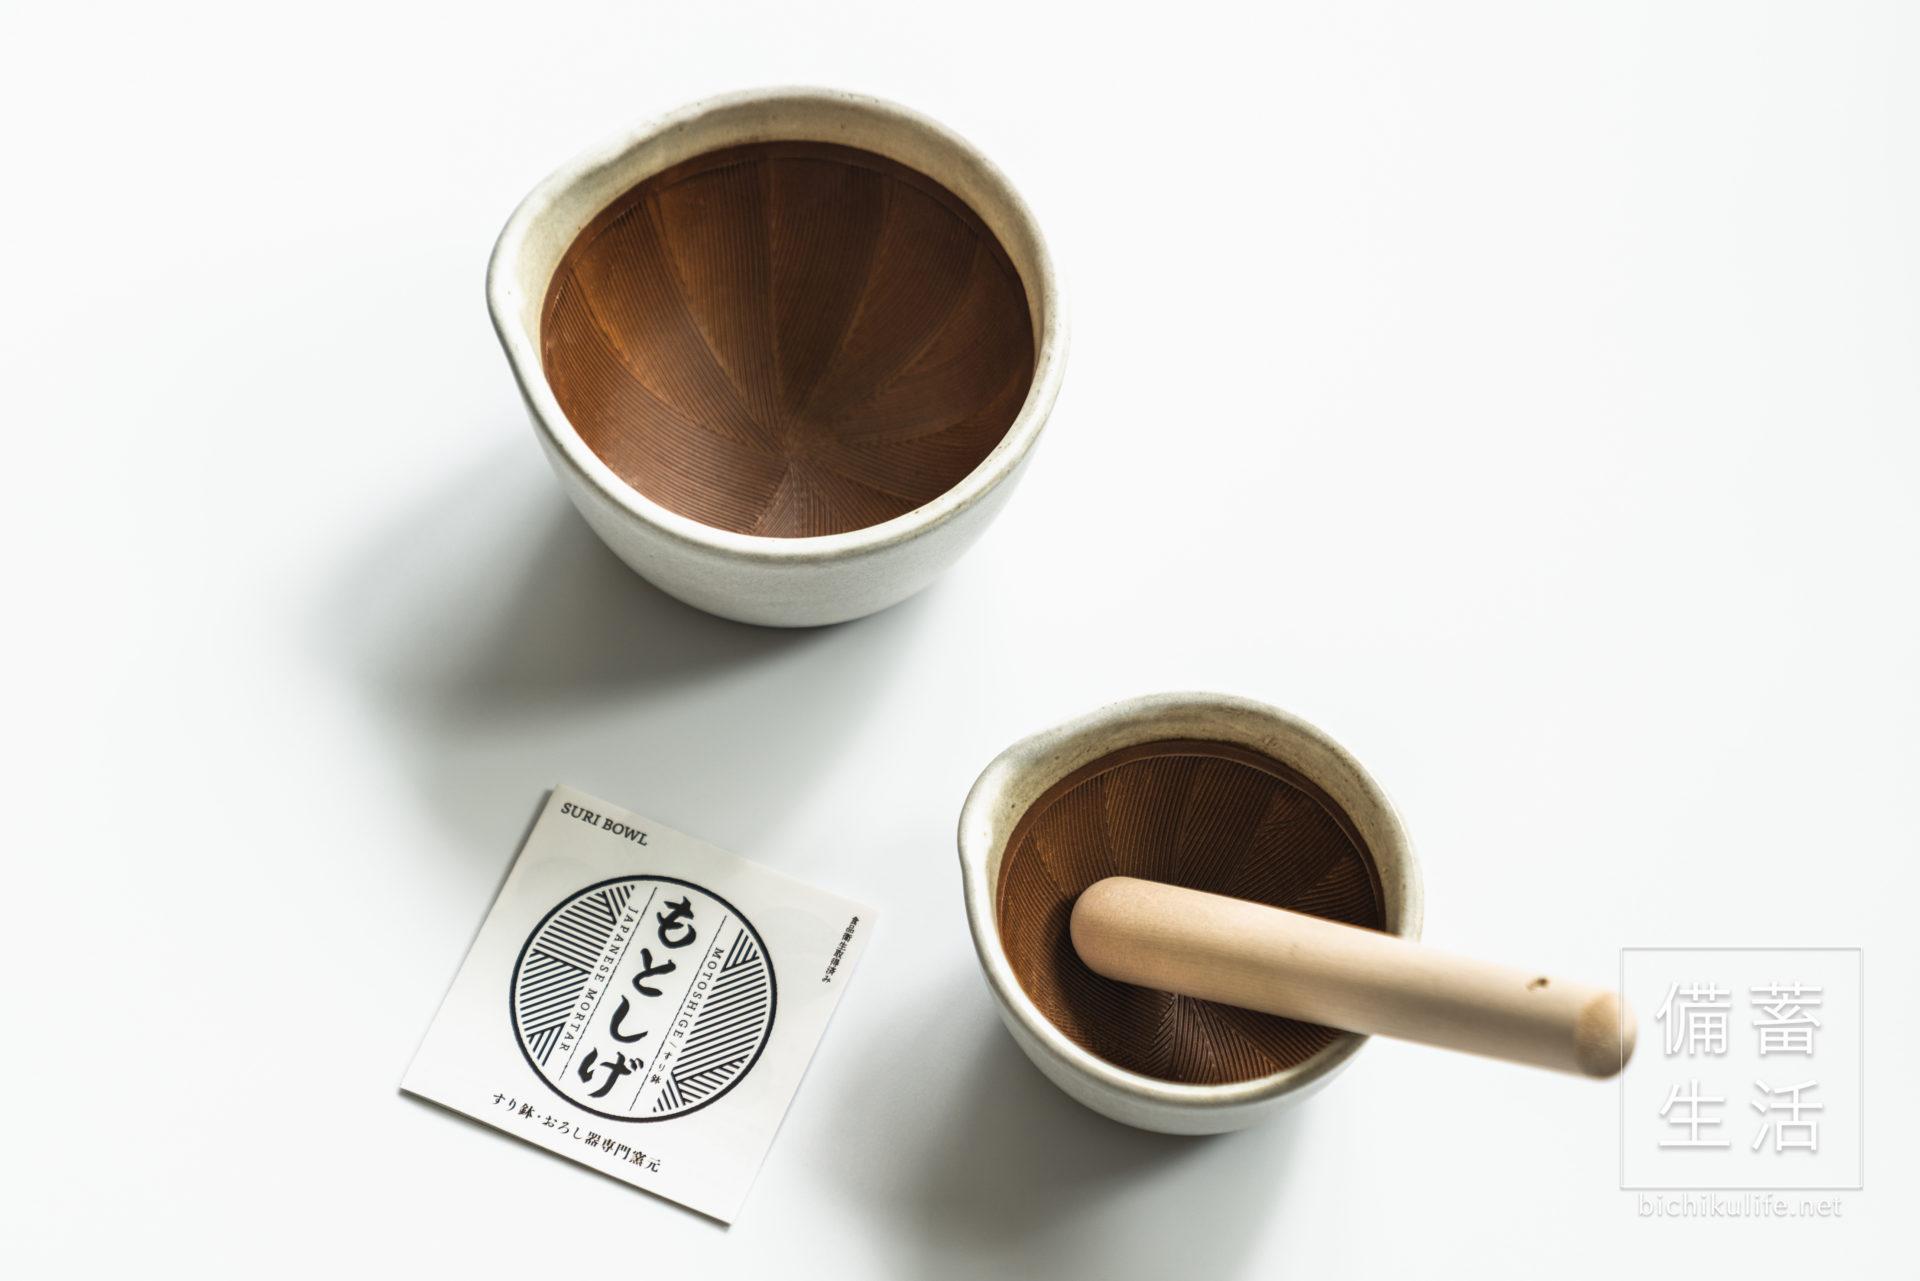 もとしげ 粋なすり鉢(深型)すり鉢専門メーカー 元重製陶所、白、中サイズ、小サイズ